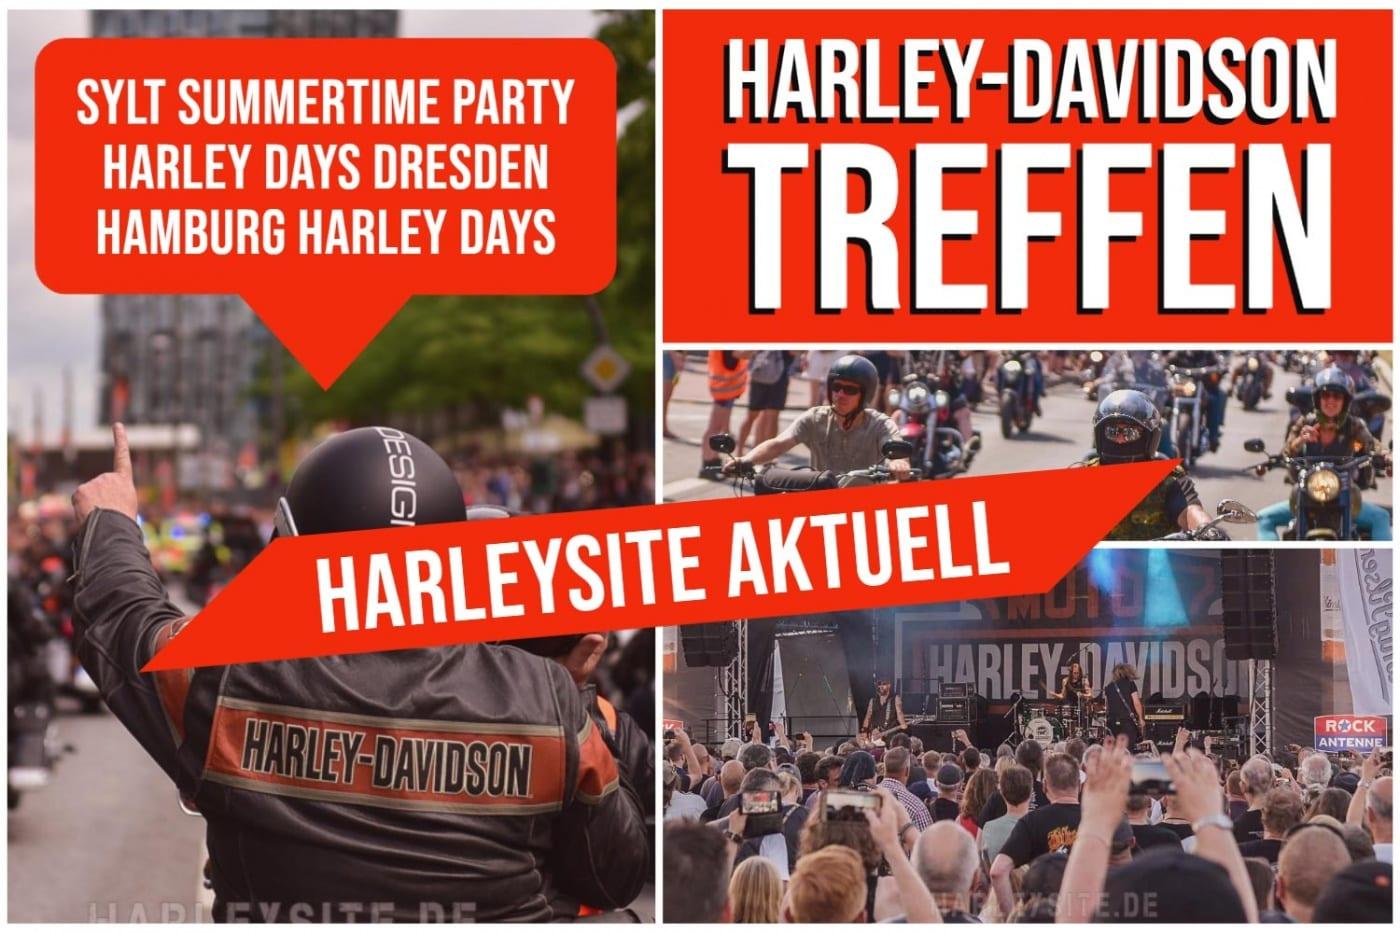 Harley-Davidson Treffen Aktuell